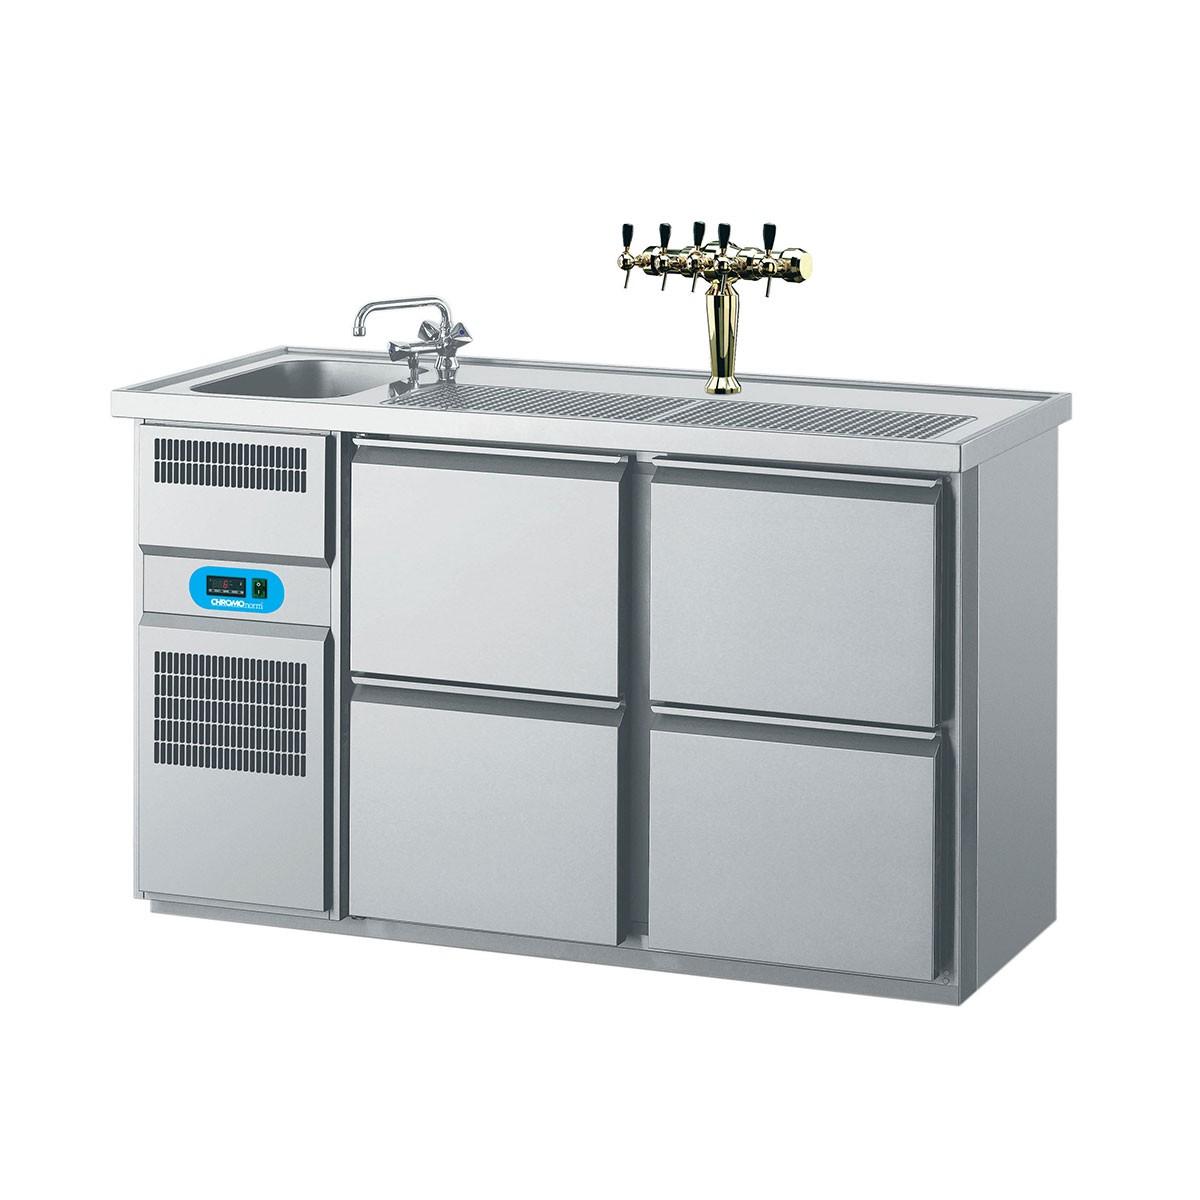 Getränketheke mit 1 Becken links, 4 Schubladen 1550 x 700mm CGTM721L81-2/2 Biertheke Chromonorm